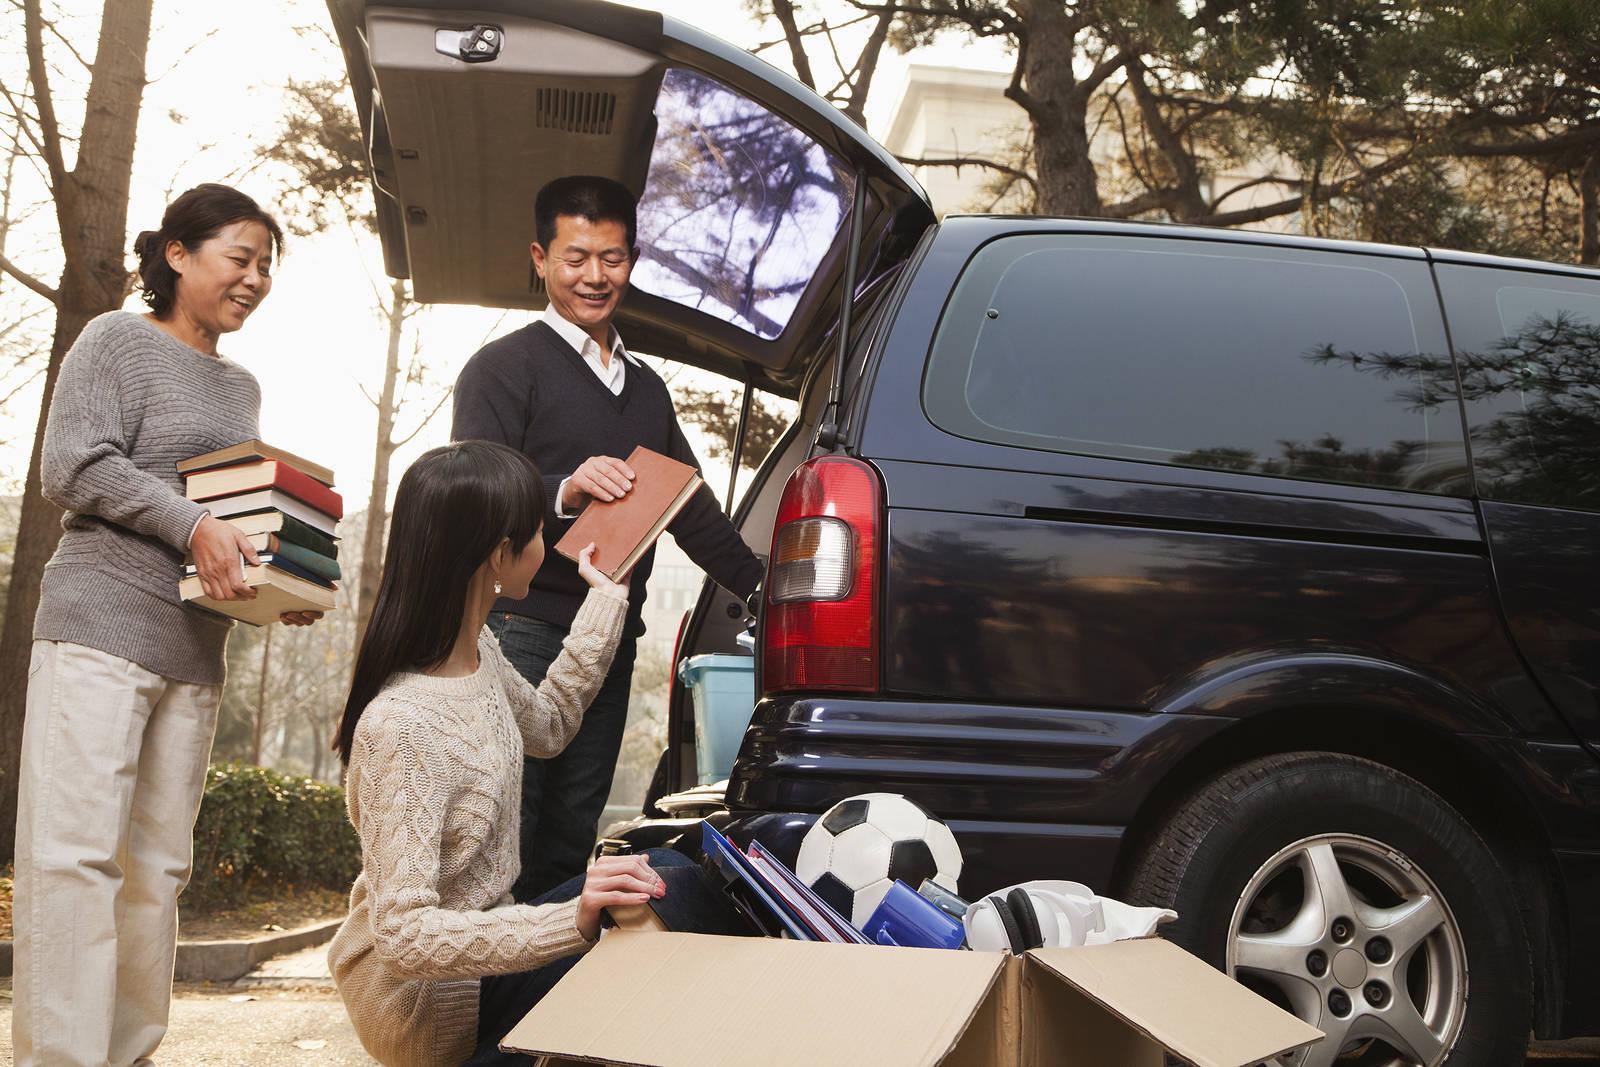 820e4592f024a0b51a8c_bigstock-Parents-unpacking-car-for-a-mo-50567387.jpg